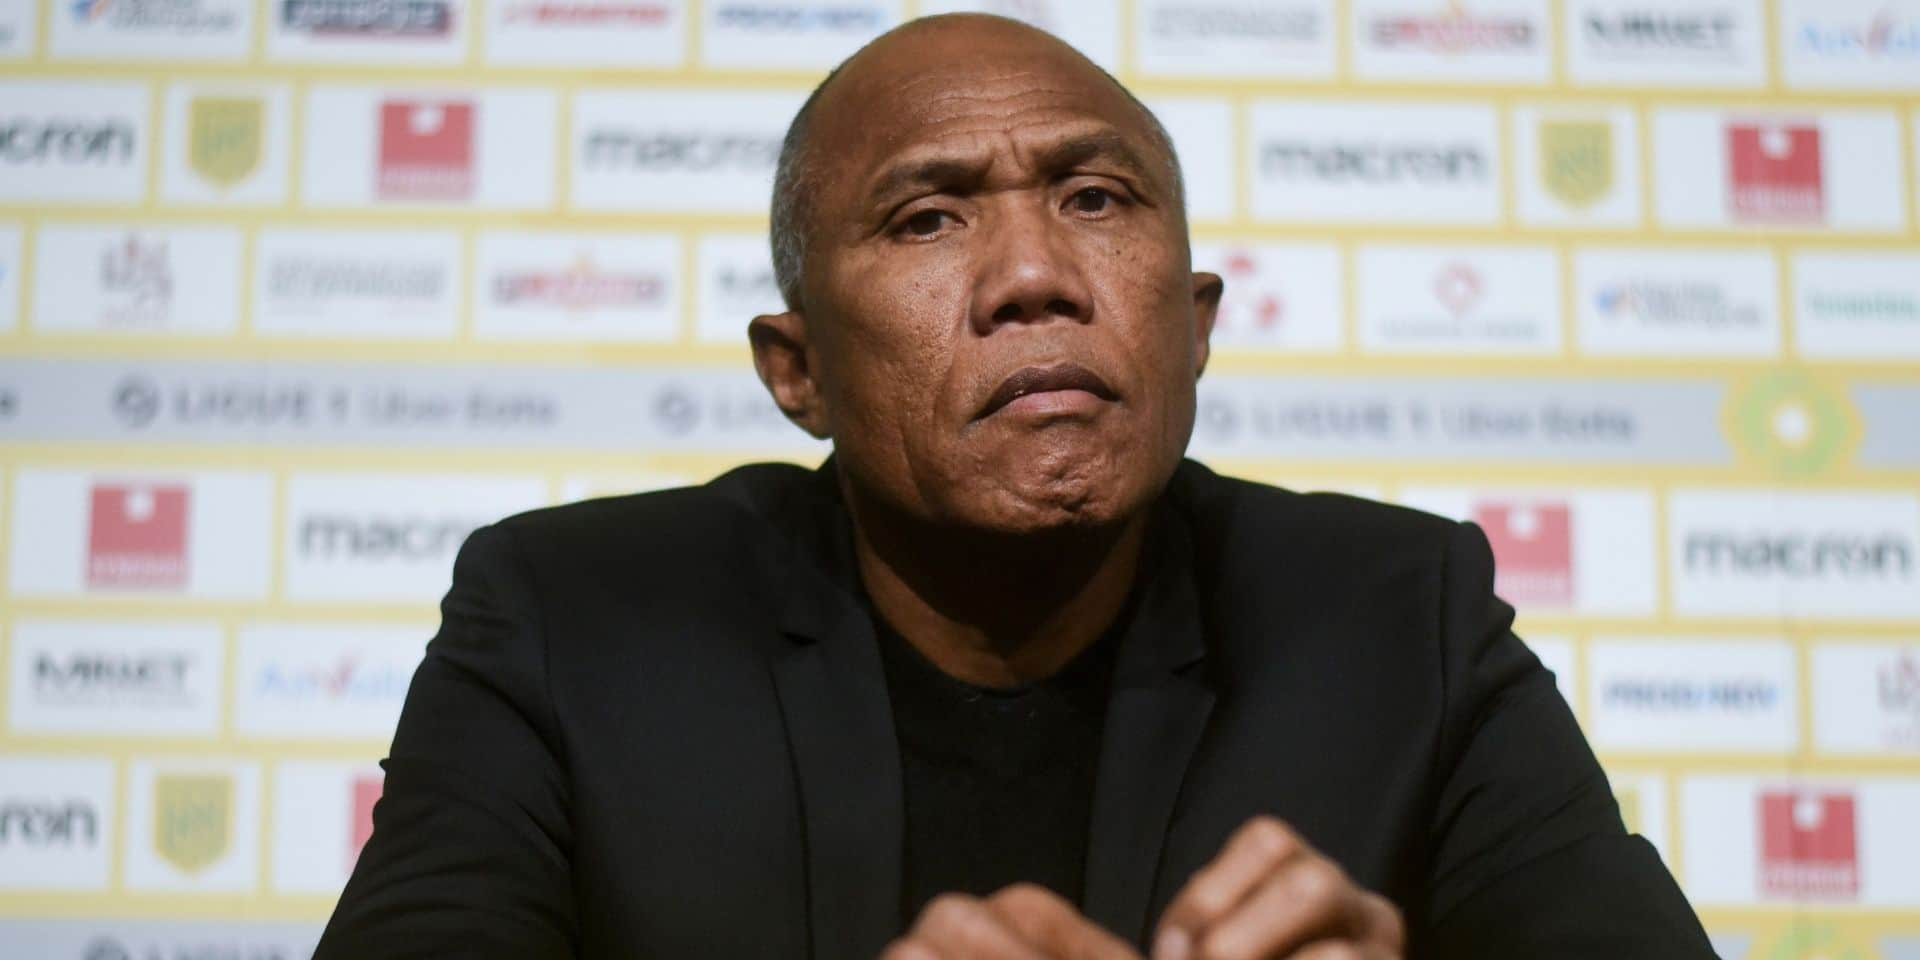 """La conférence de presse totalement surréaliste d'Antoine Kombouaré, le nouvel entraîneur de Nantes : """"Les joueurs savent qu'ils sont mauvais et je n'ai jamais rêvé d'être ici"""" (VIDEO)"""